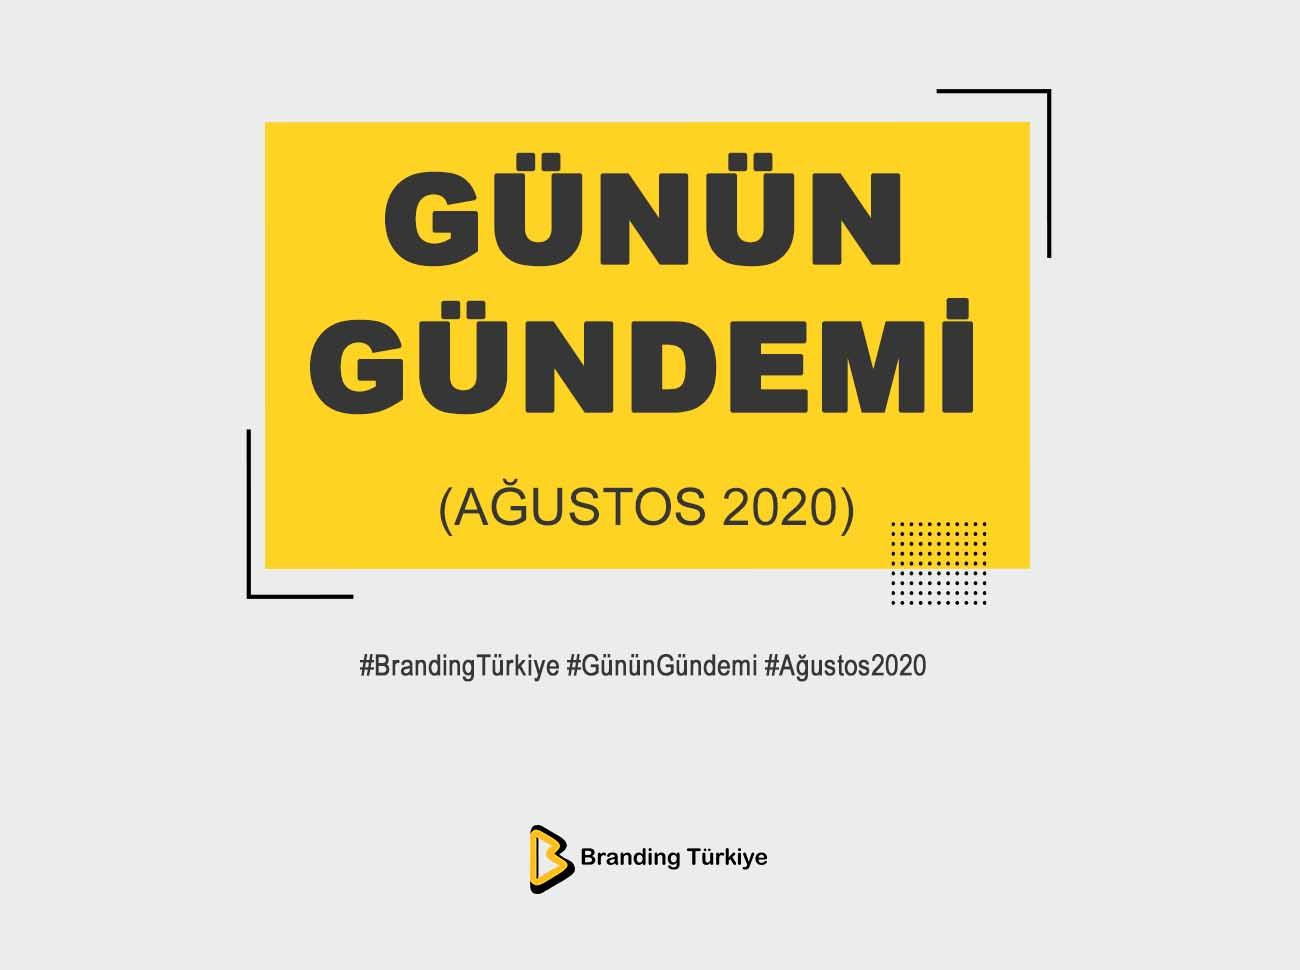 Günün Gündemi (Ağustos 2020)